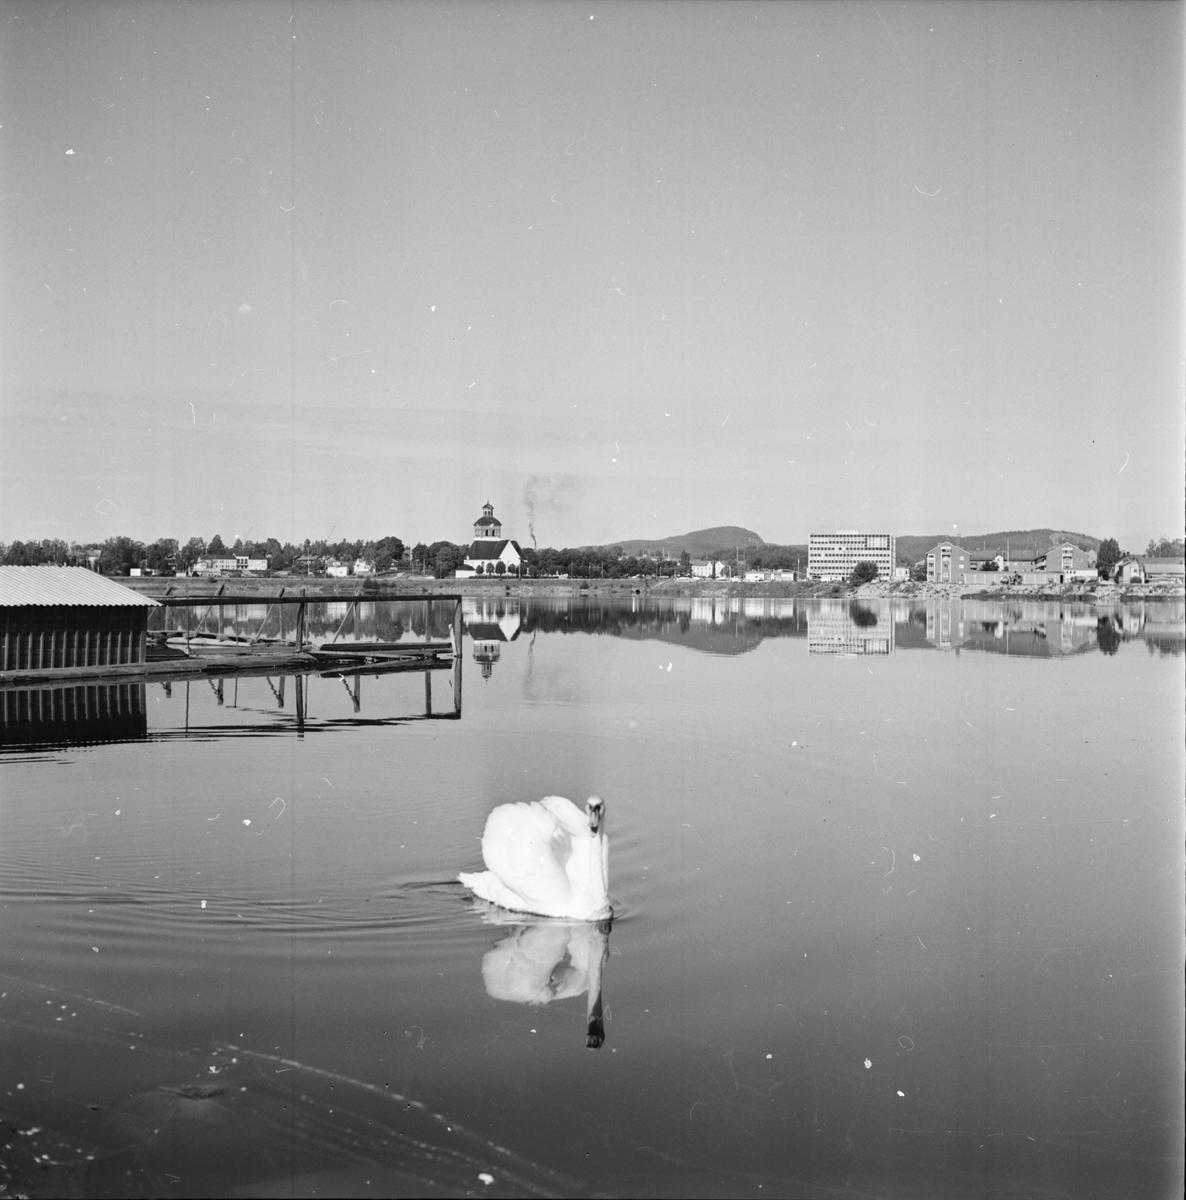 Bollnäs, Vågens fåglar, Aug. 1970